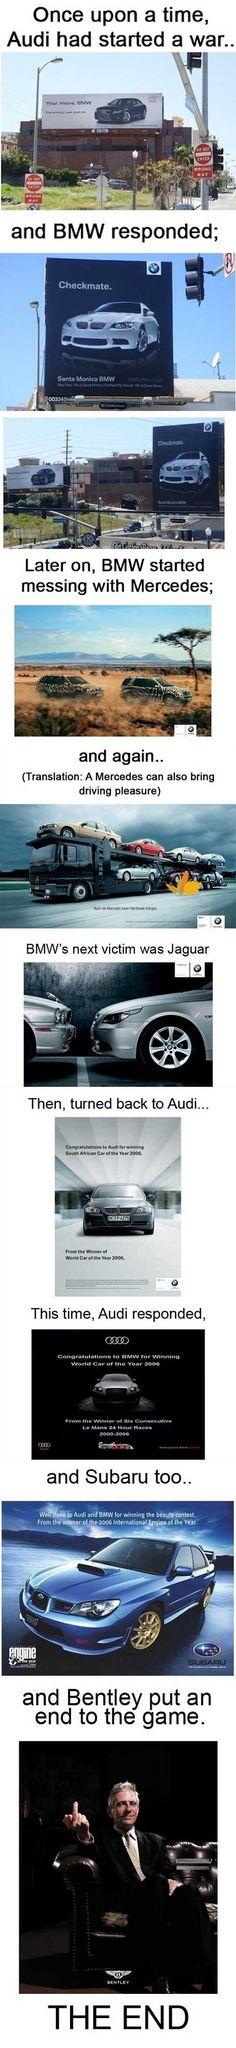 BMW's advertisement war